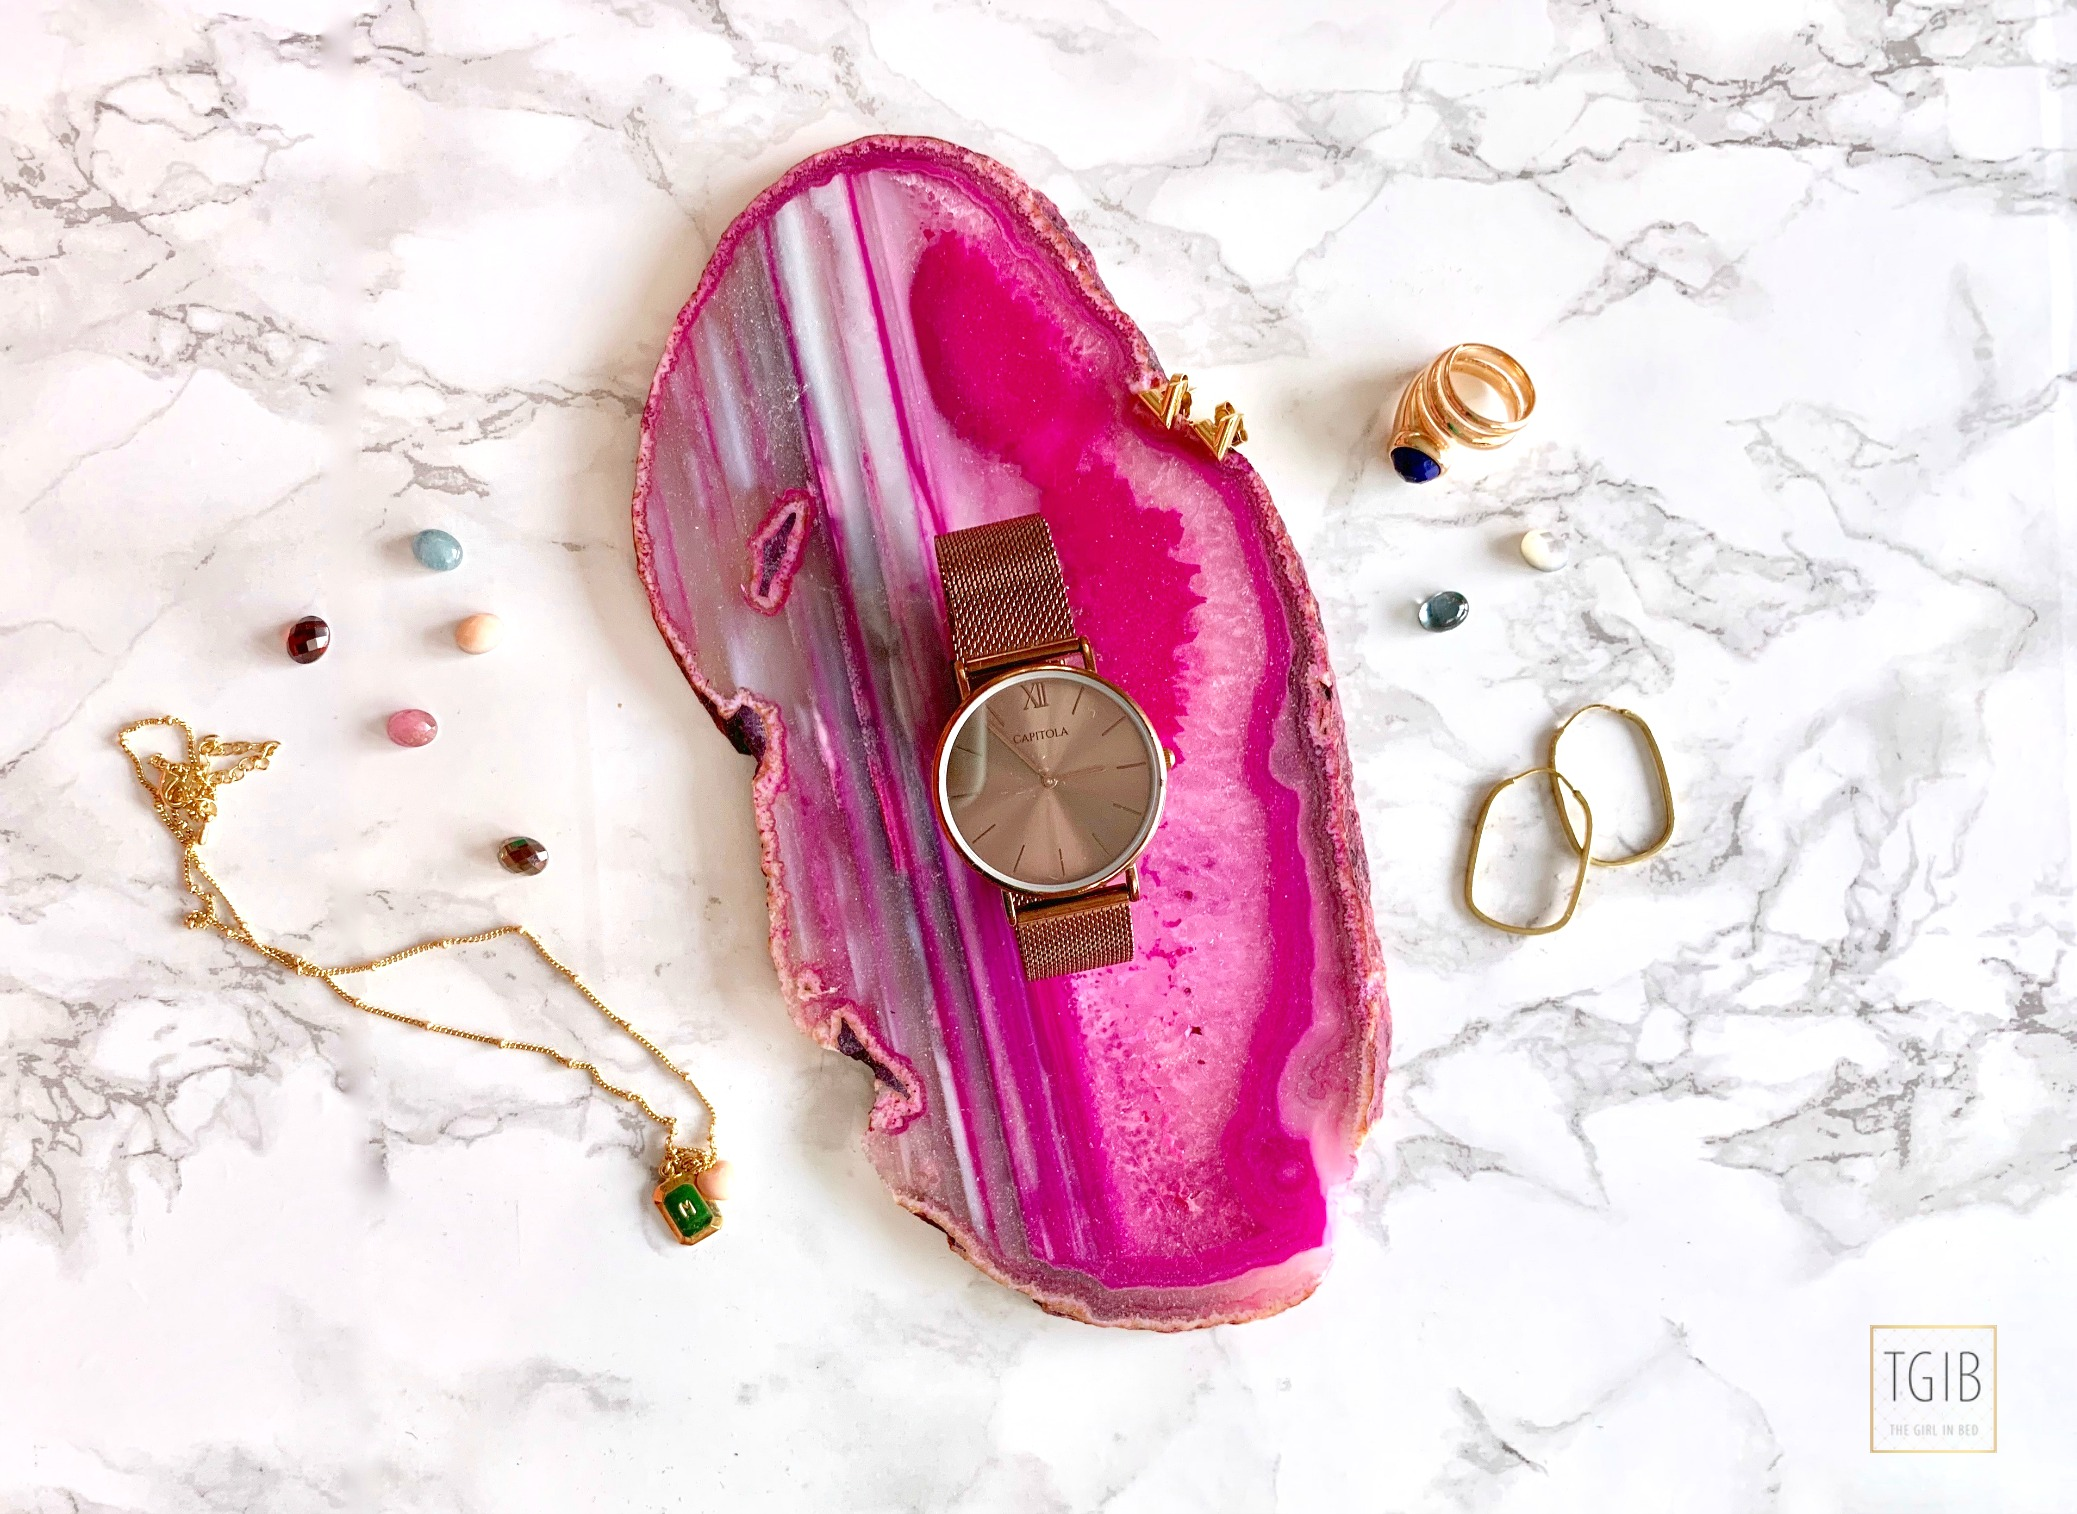 Capitola horloge watch jewelry